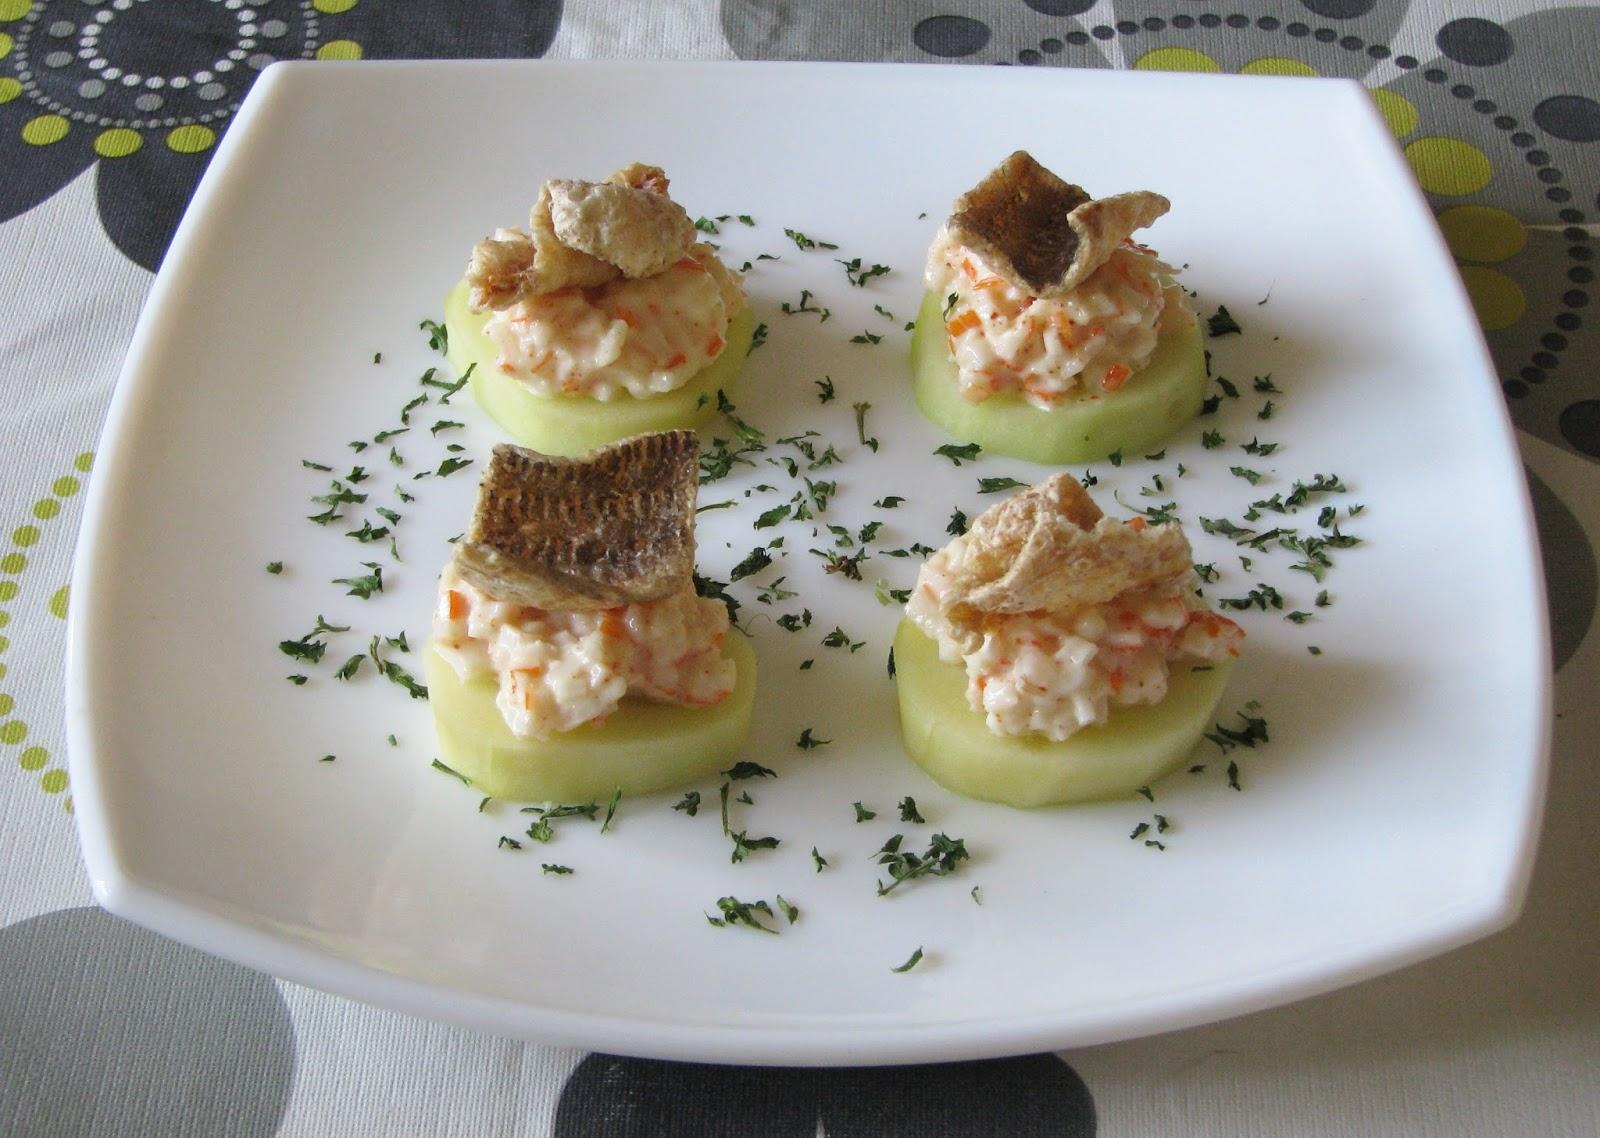 Recetas para cocinillas aperitivos con snacks de bacalao - Aperitivos con bacalao ...